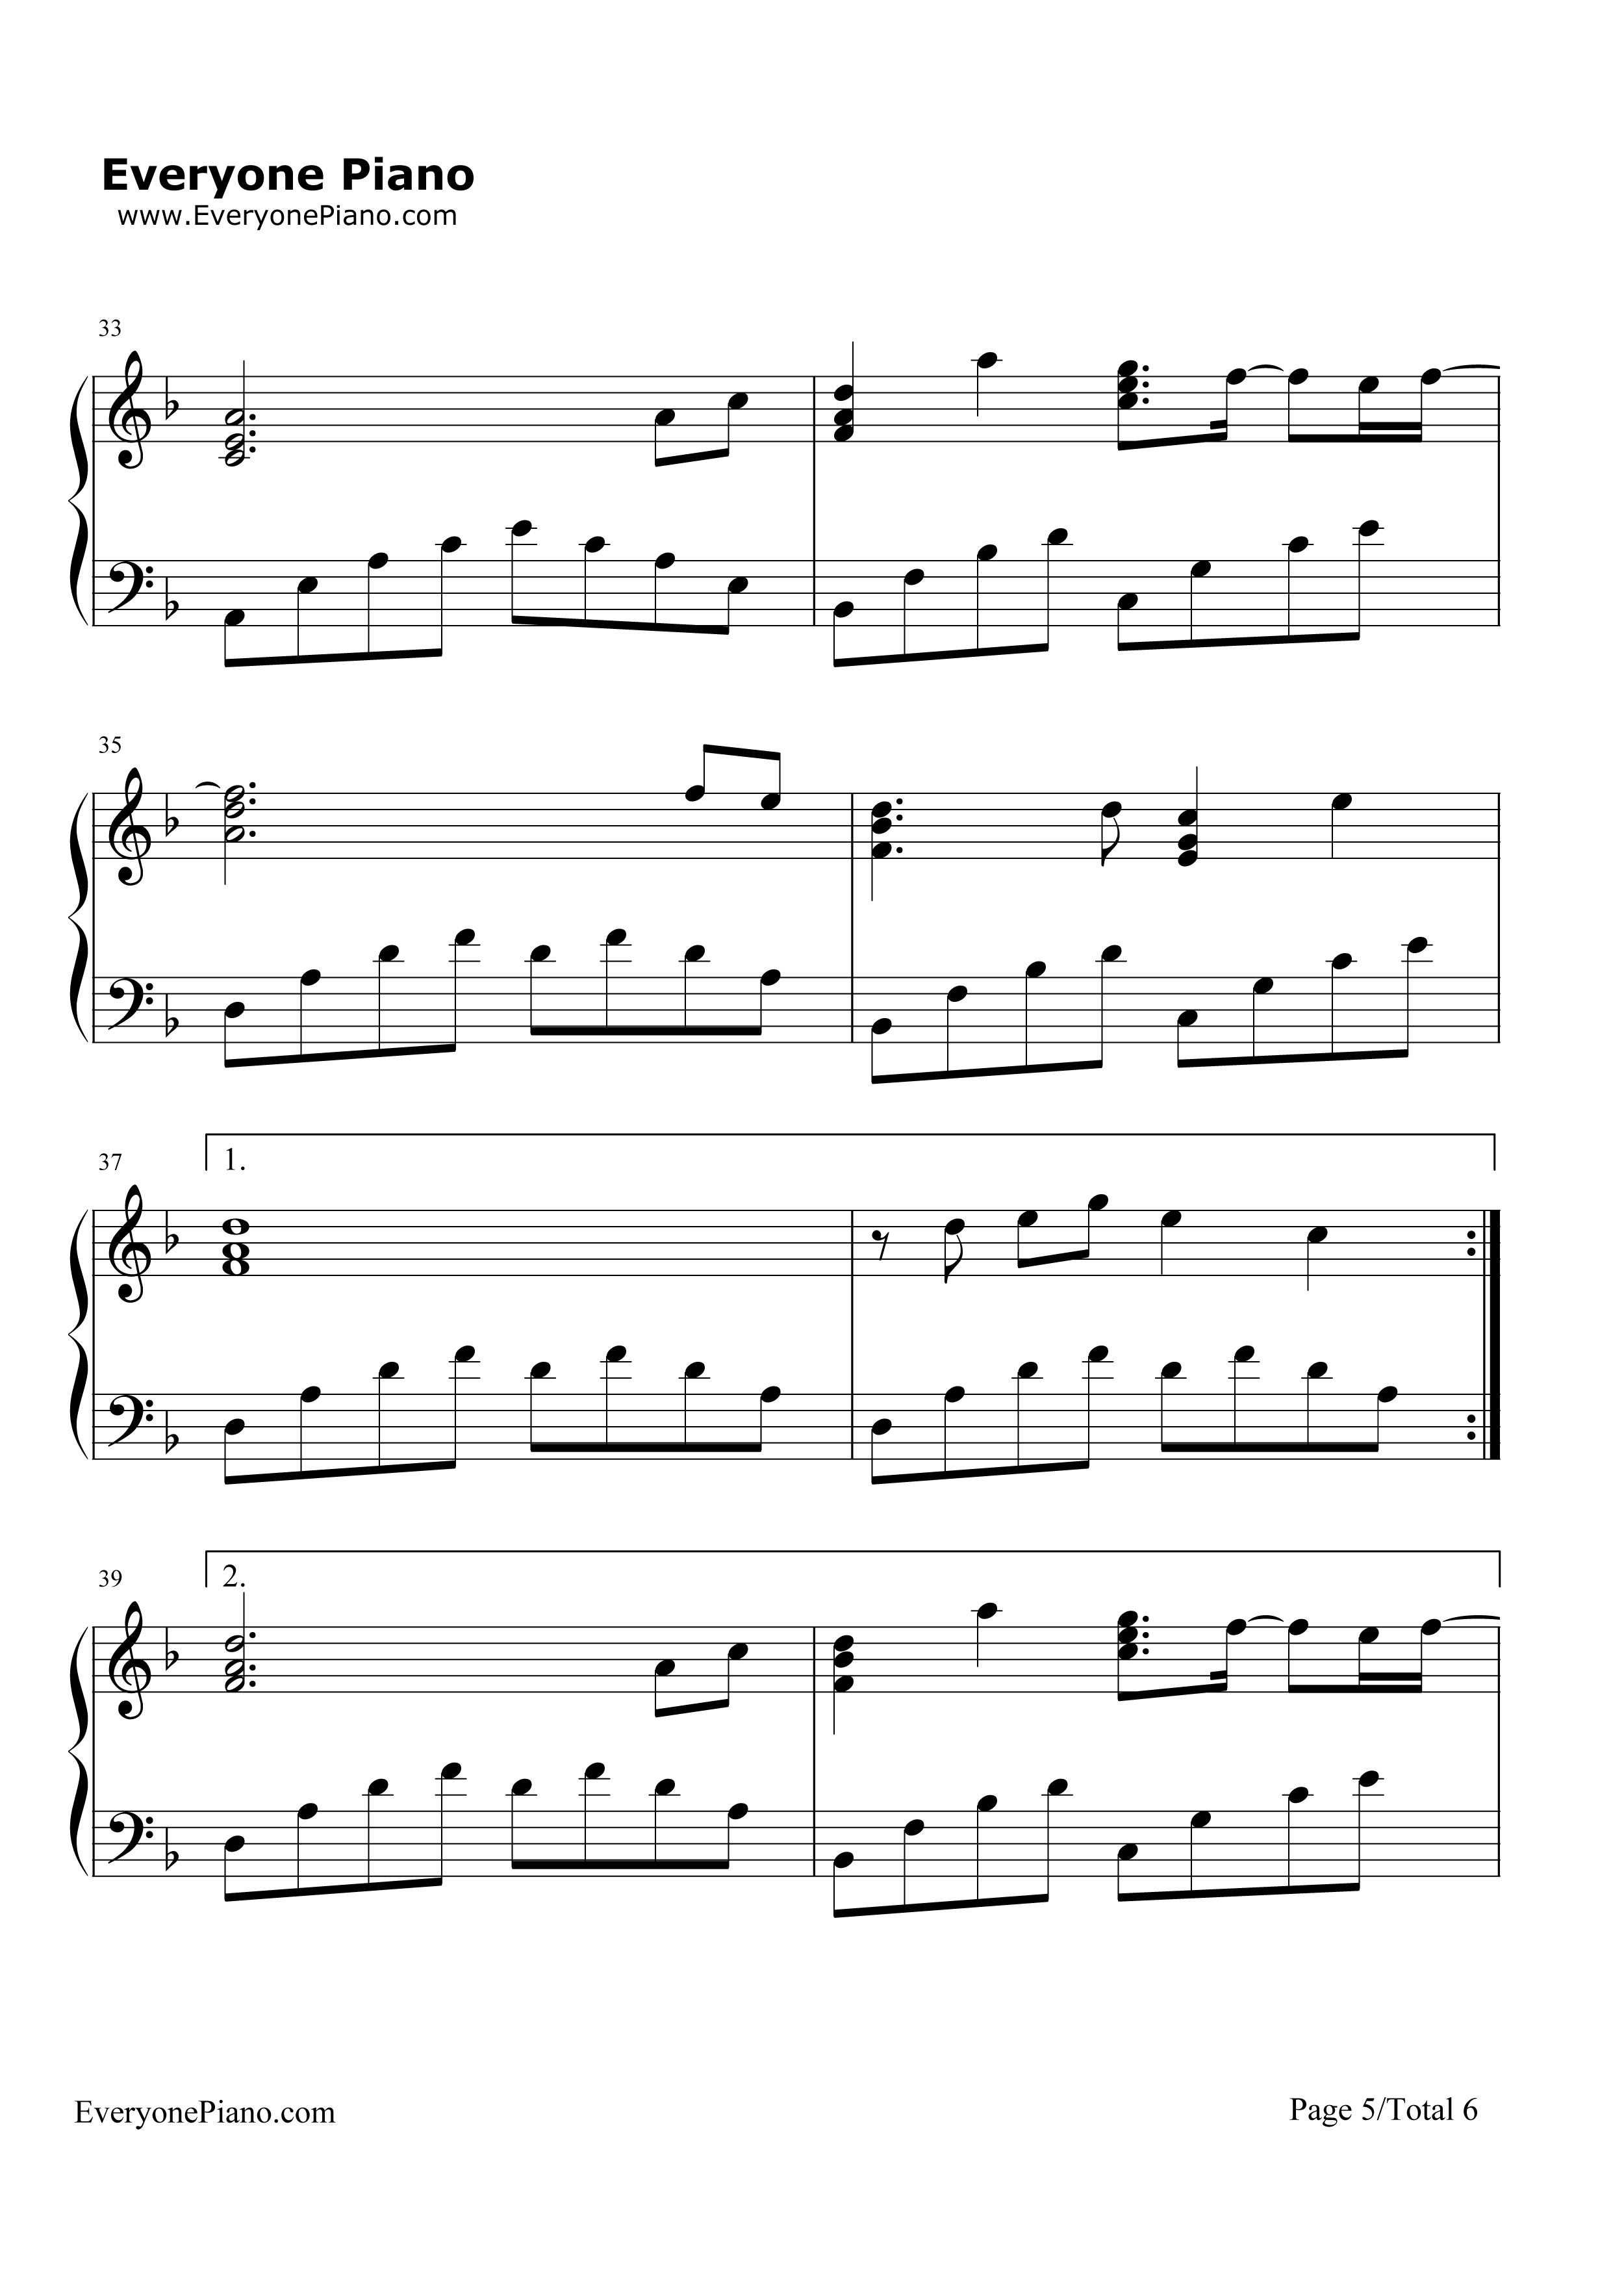 欢乐颂 完整版五线谱预览1 钢琴谱 五线谱,双手简谱